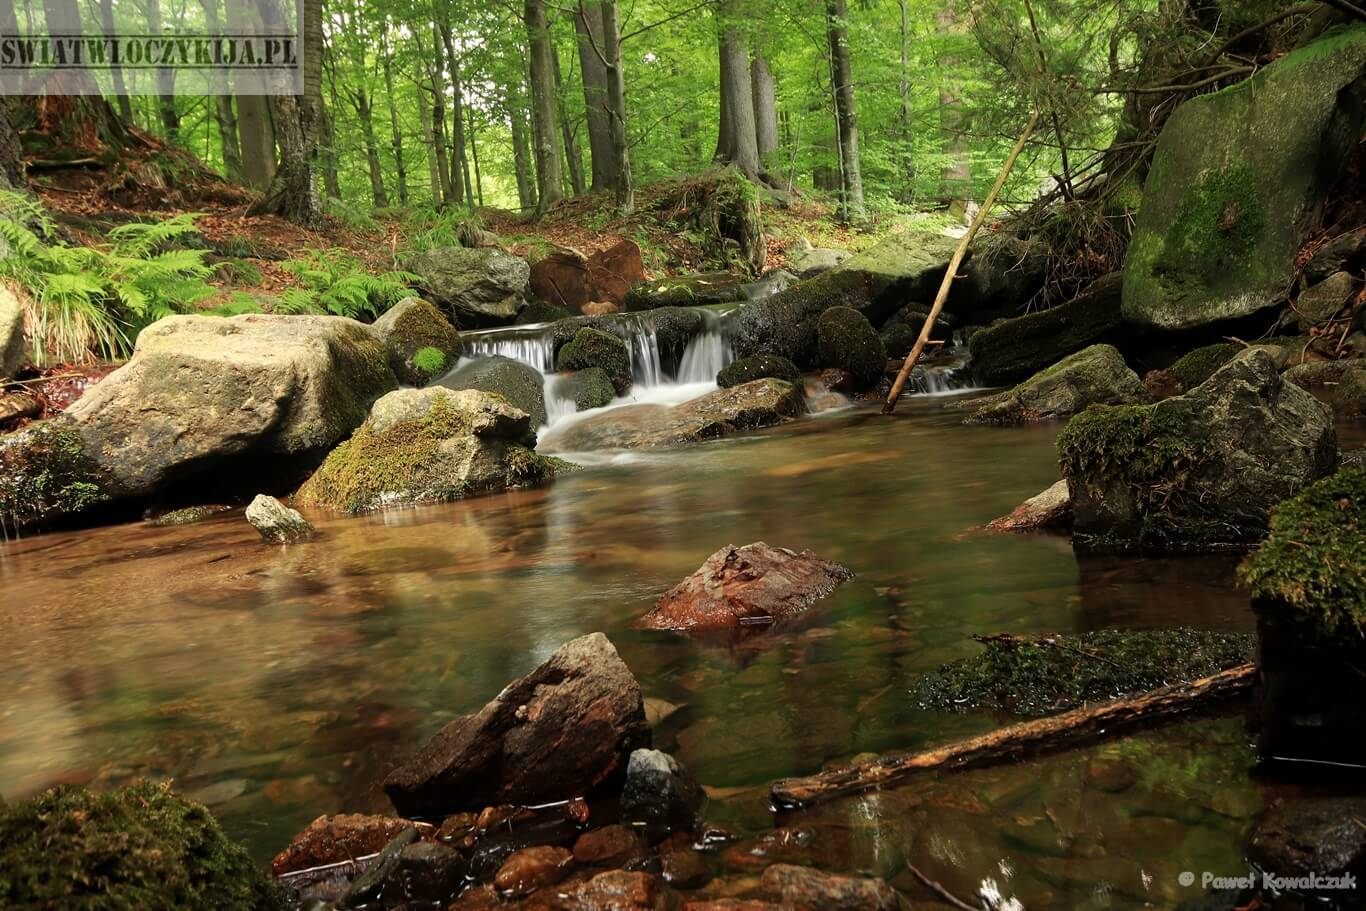 Górski strumień Czarnogórza